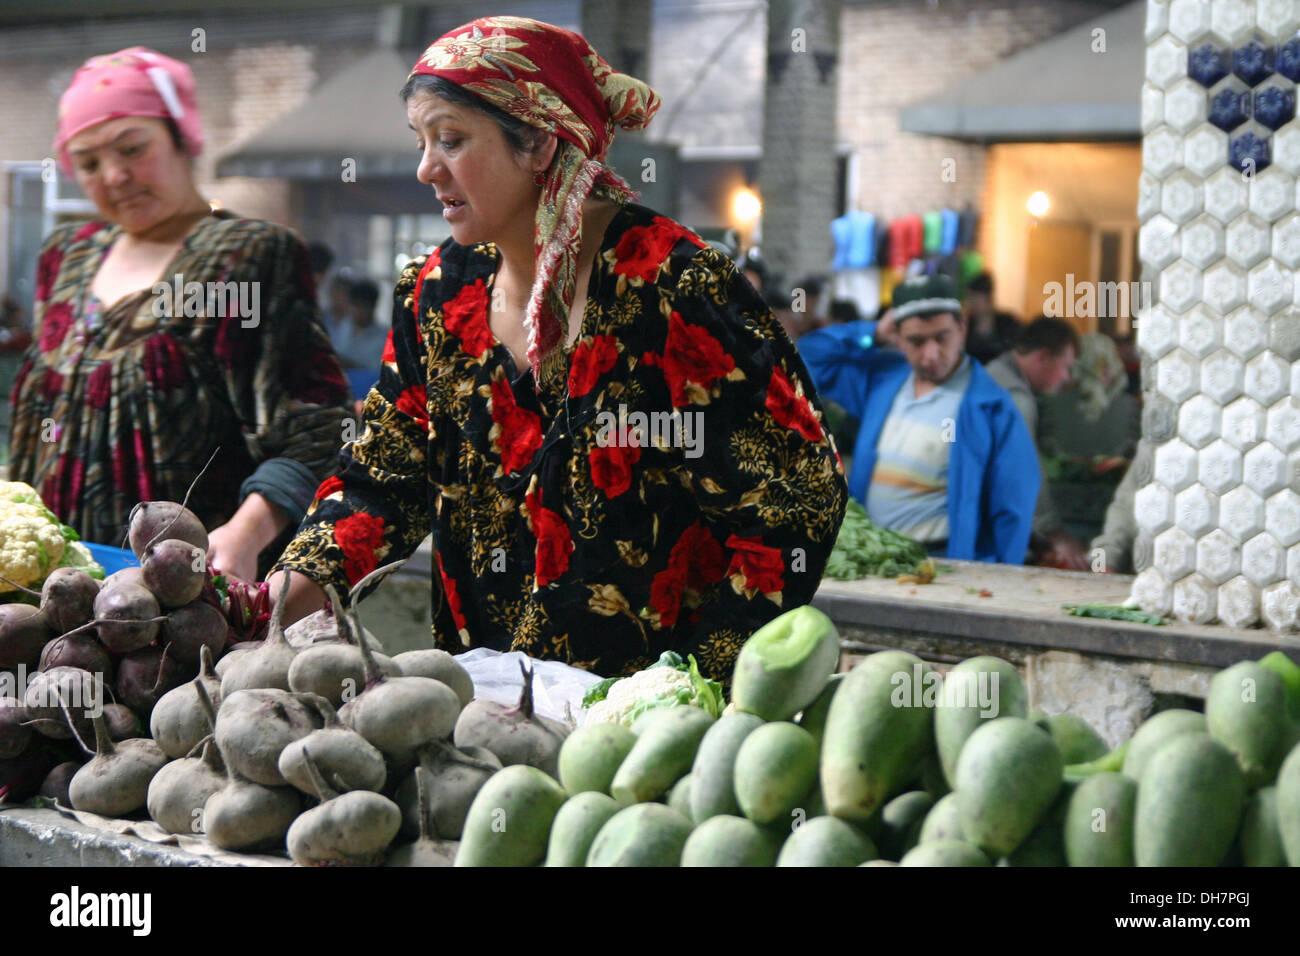 Signora tradizionali vendono spezie in Samarcanda, Uzbekistan Immagini Stock